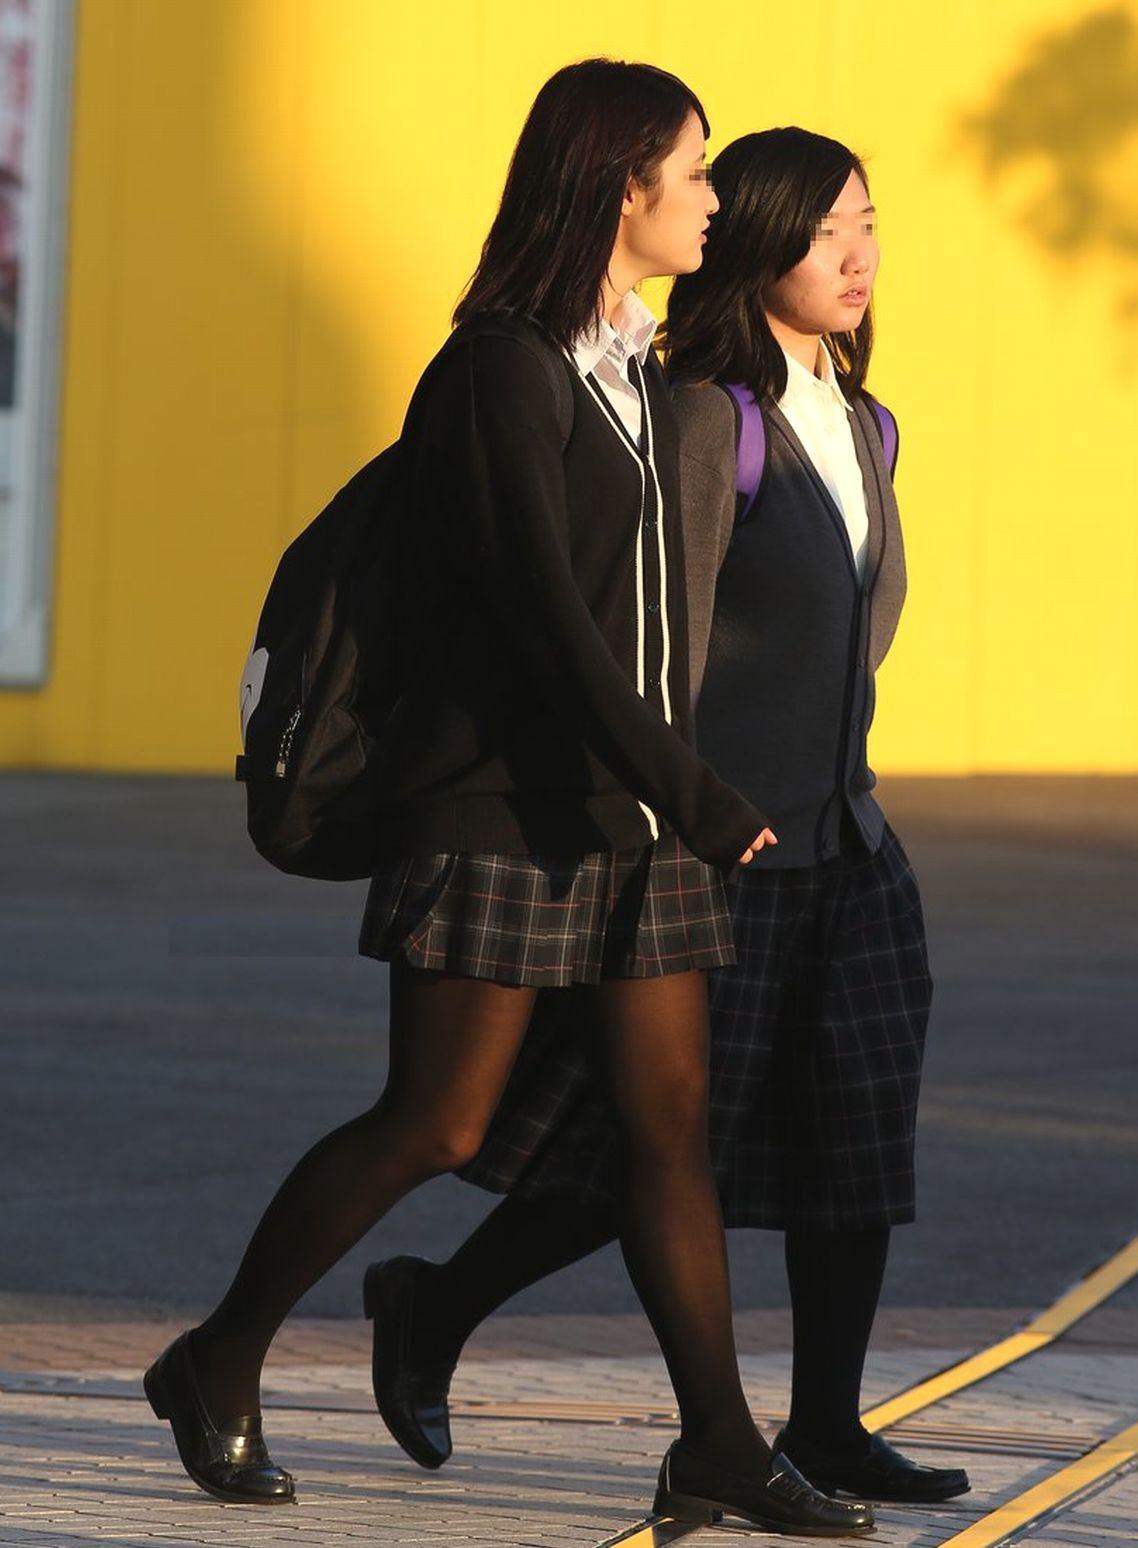 女子高生の靴下大好きソックスフェチ画像wwwwwwwwww 3Ceye1G